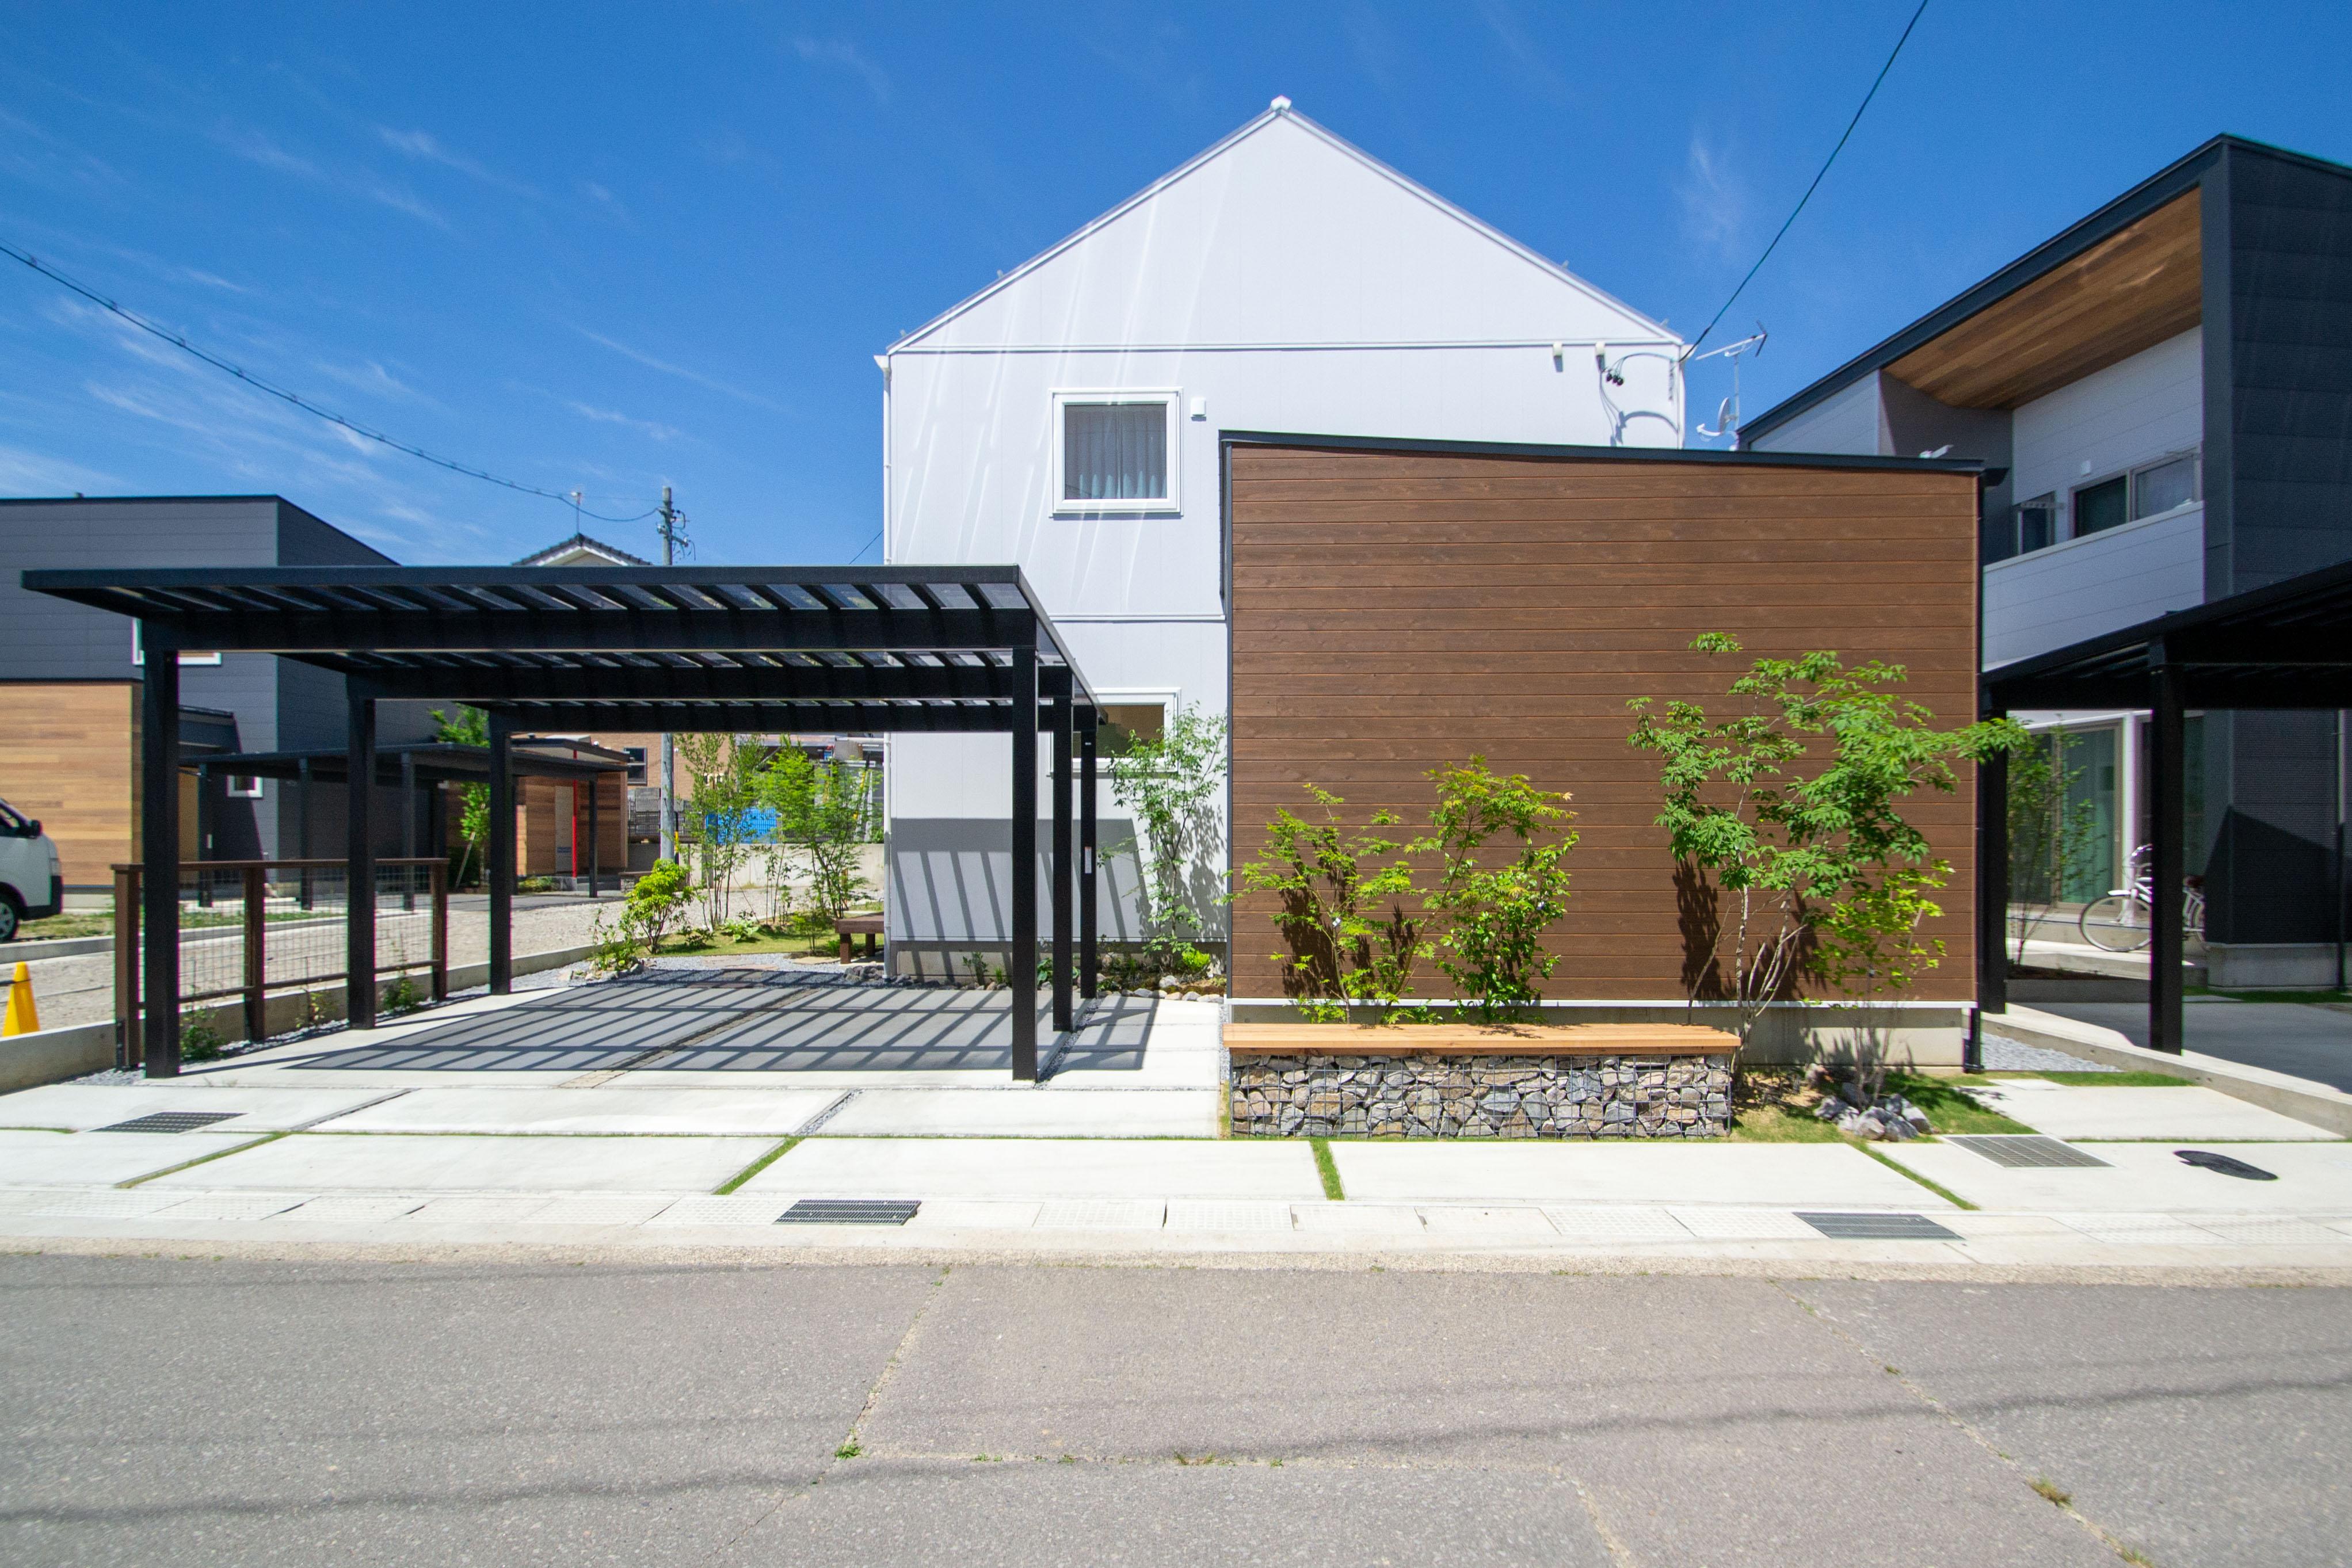 三角屋根が特徴的な建物、お庭まるごとデザイン住宅!! Y様邸